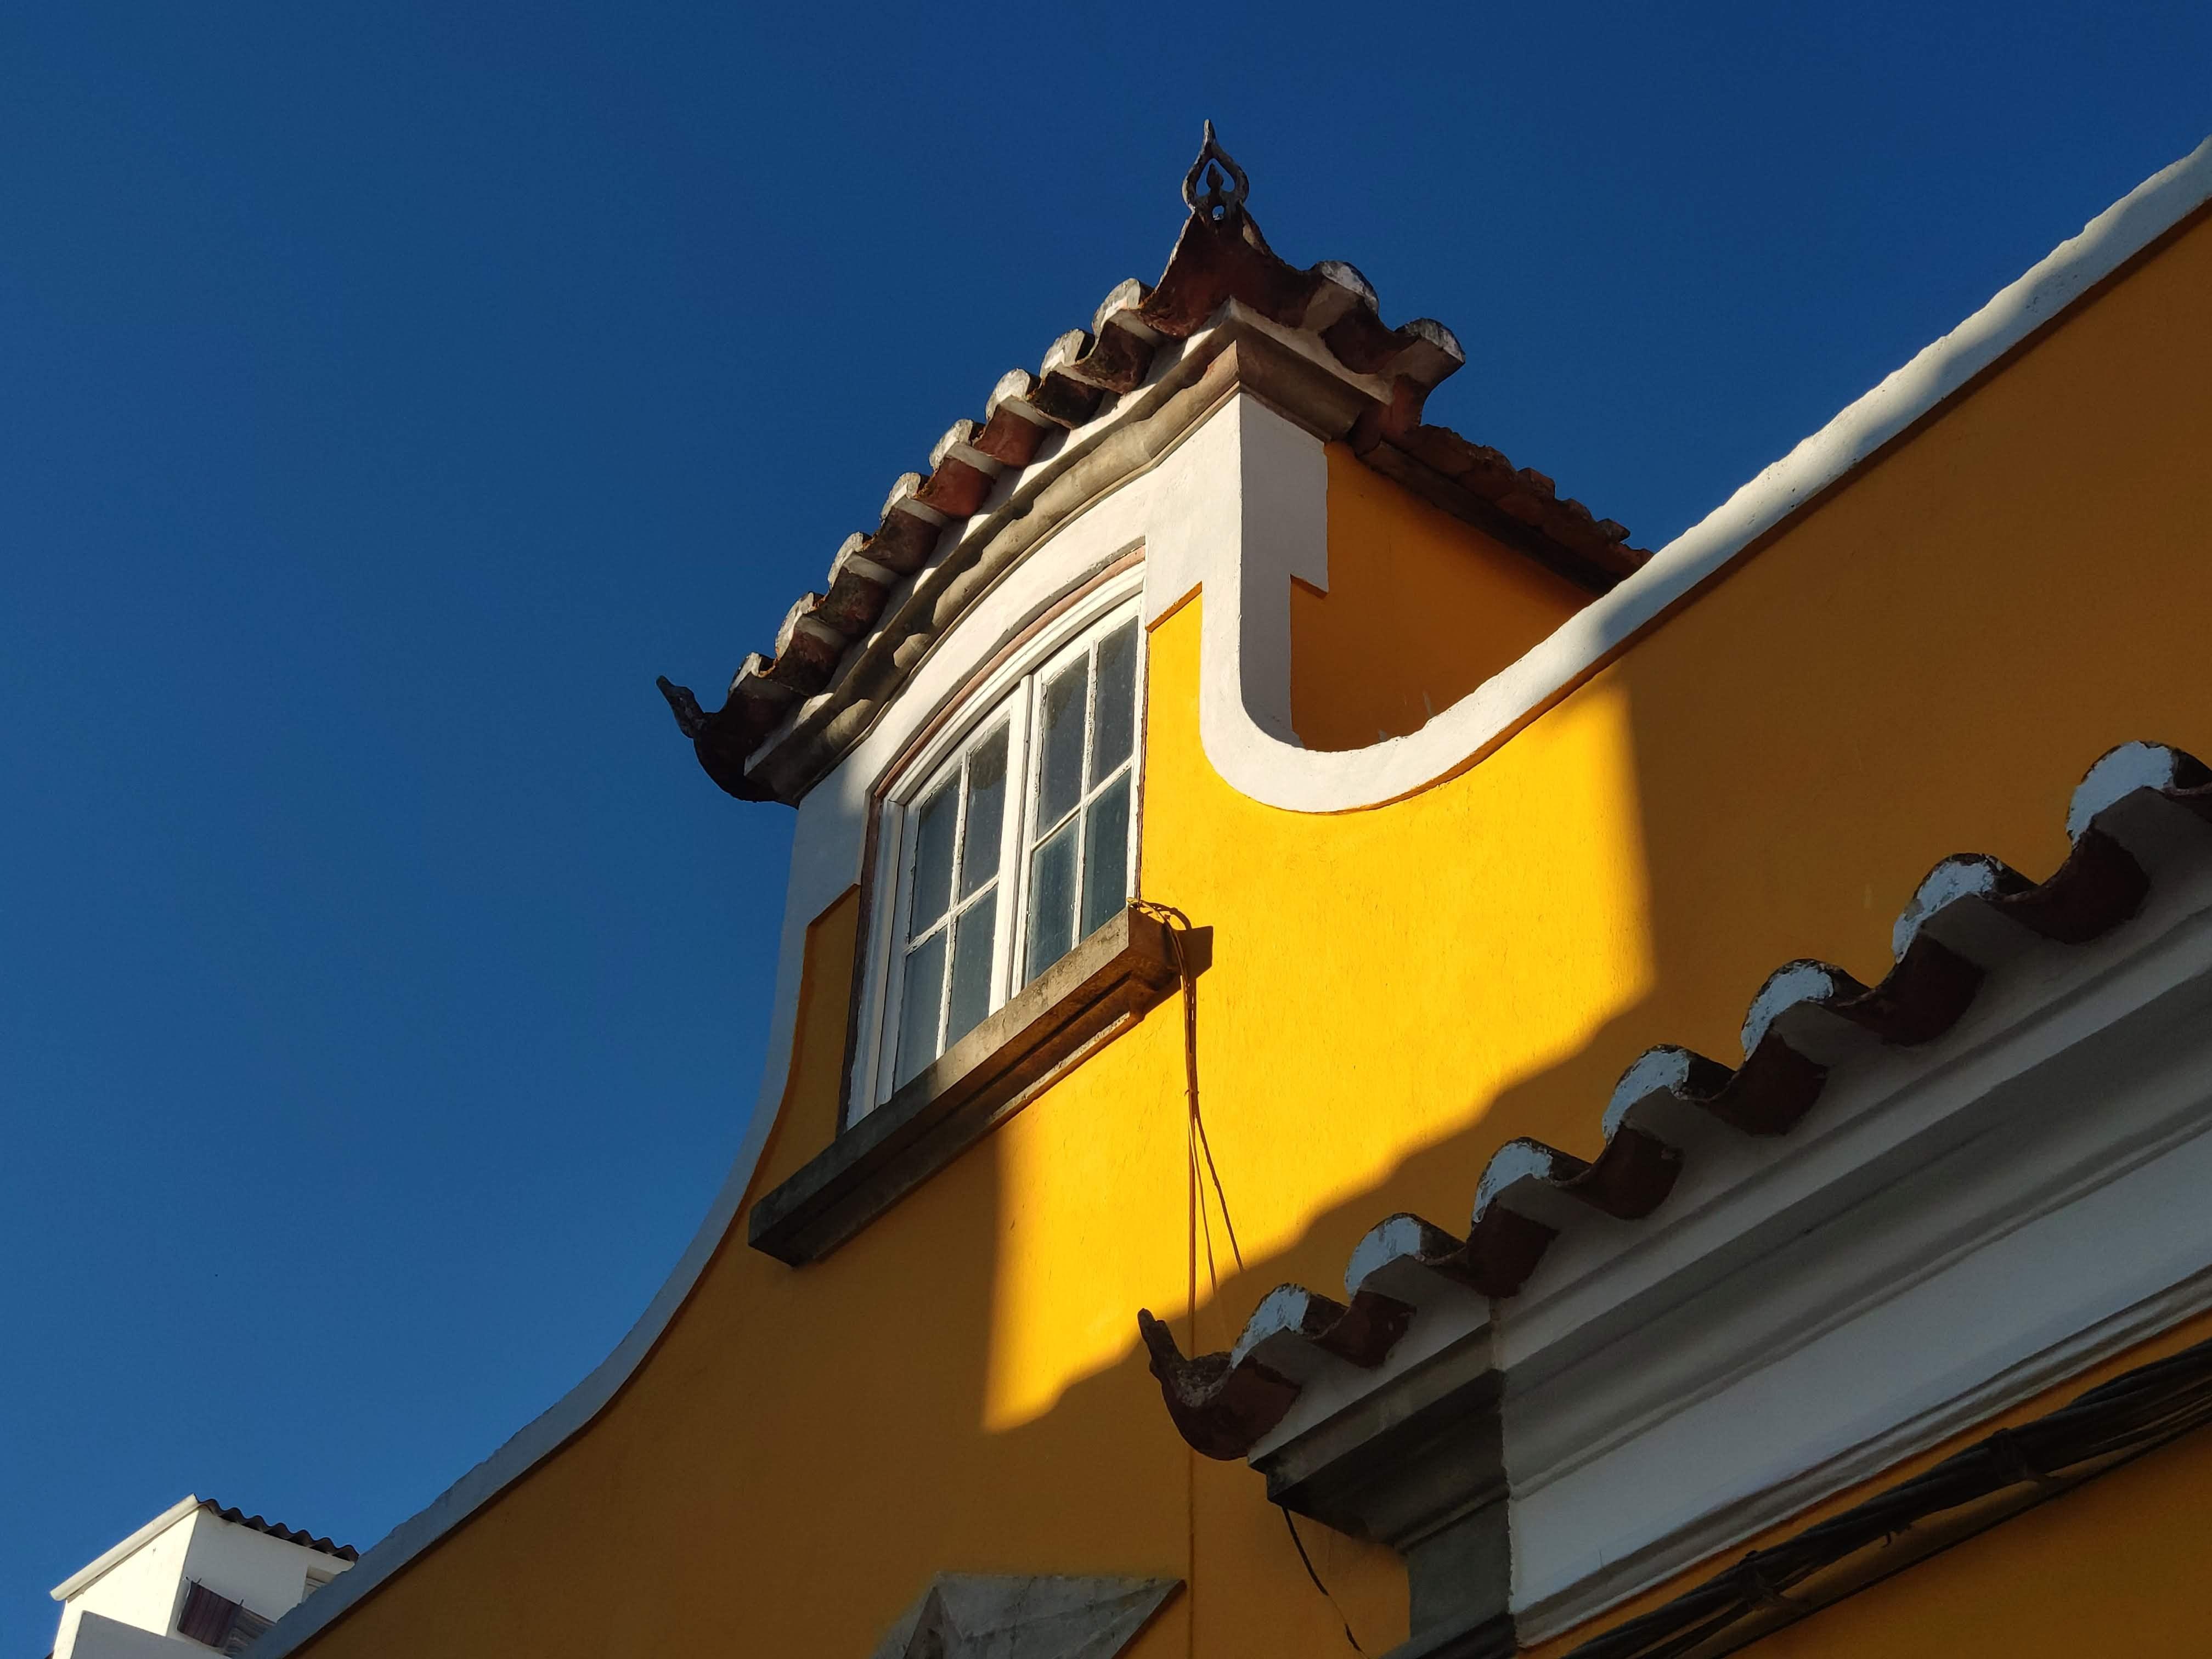 Deco recomenda criação de balcões municipais para a habitação